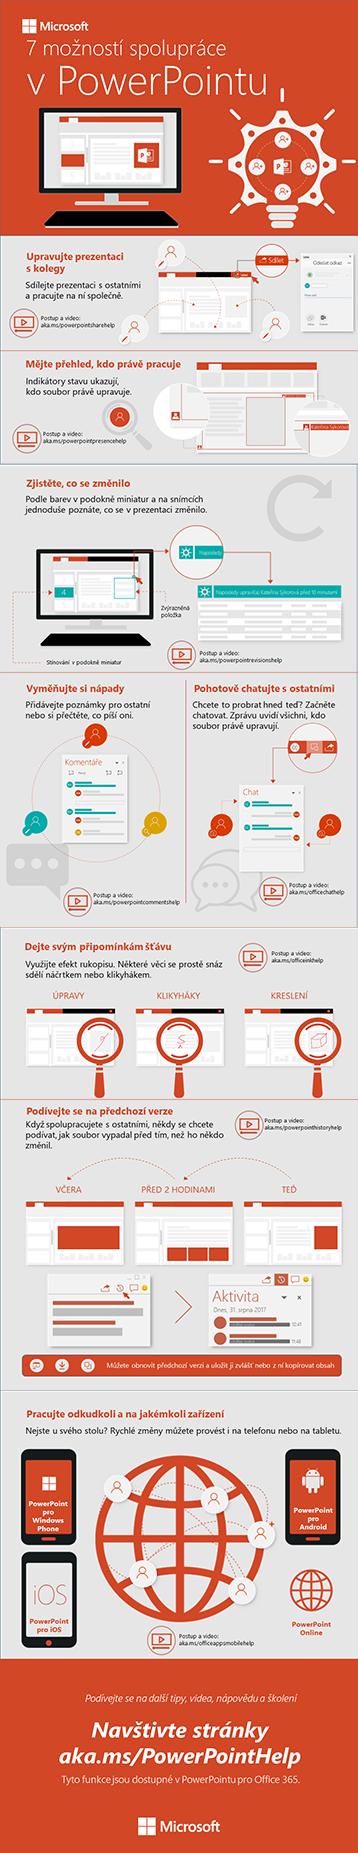 Infografika o možnostech spolupráce v PowerPointu